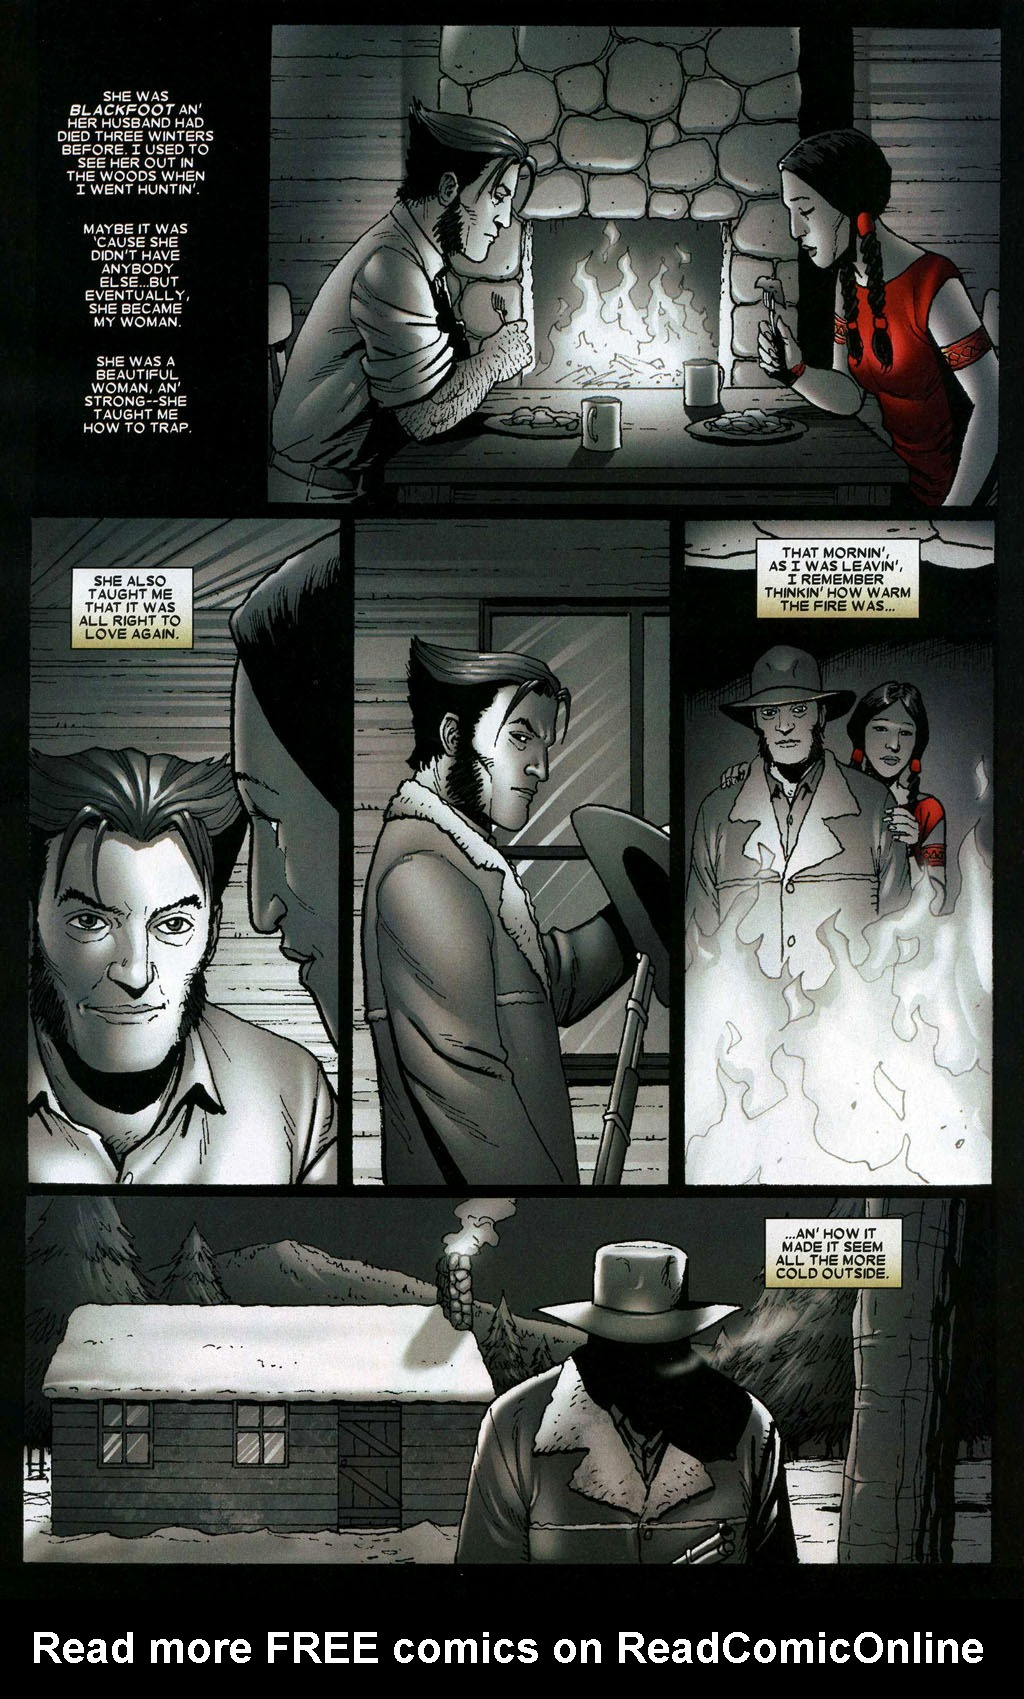 Read online Wolverine: Origins comic -  Issue #5 - 13